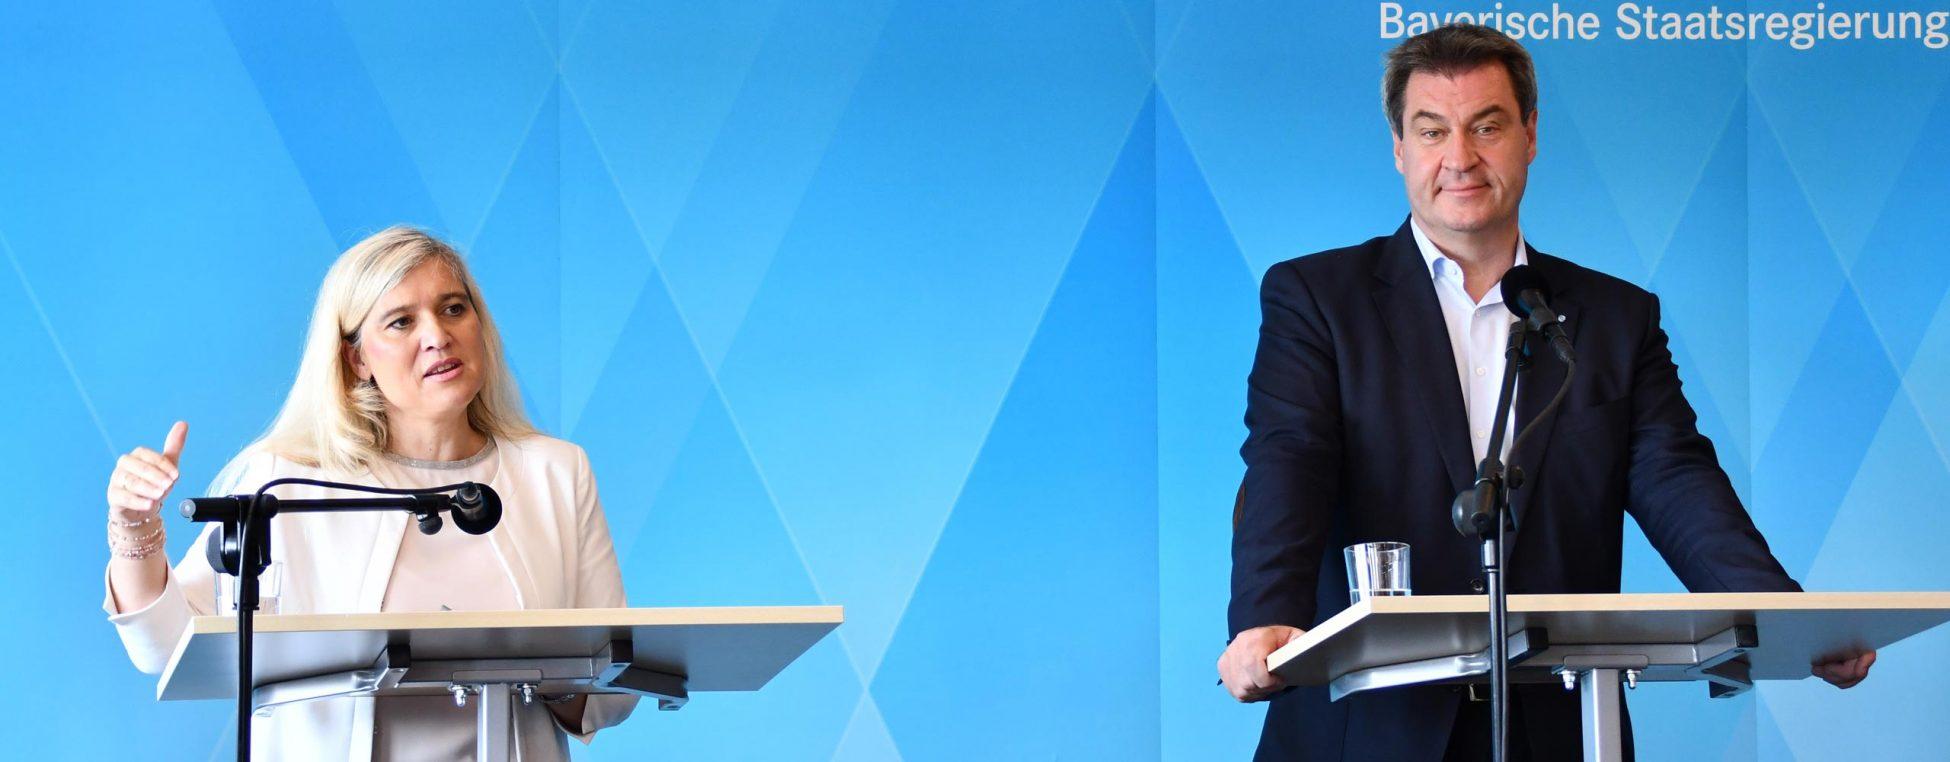 Pressekonferenz zur Ministerratskonferenz am 24. Juli 2018 mit Ministerpräsident Markus Söder und Gesundheitsministerin Melanie Huml